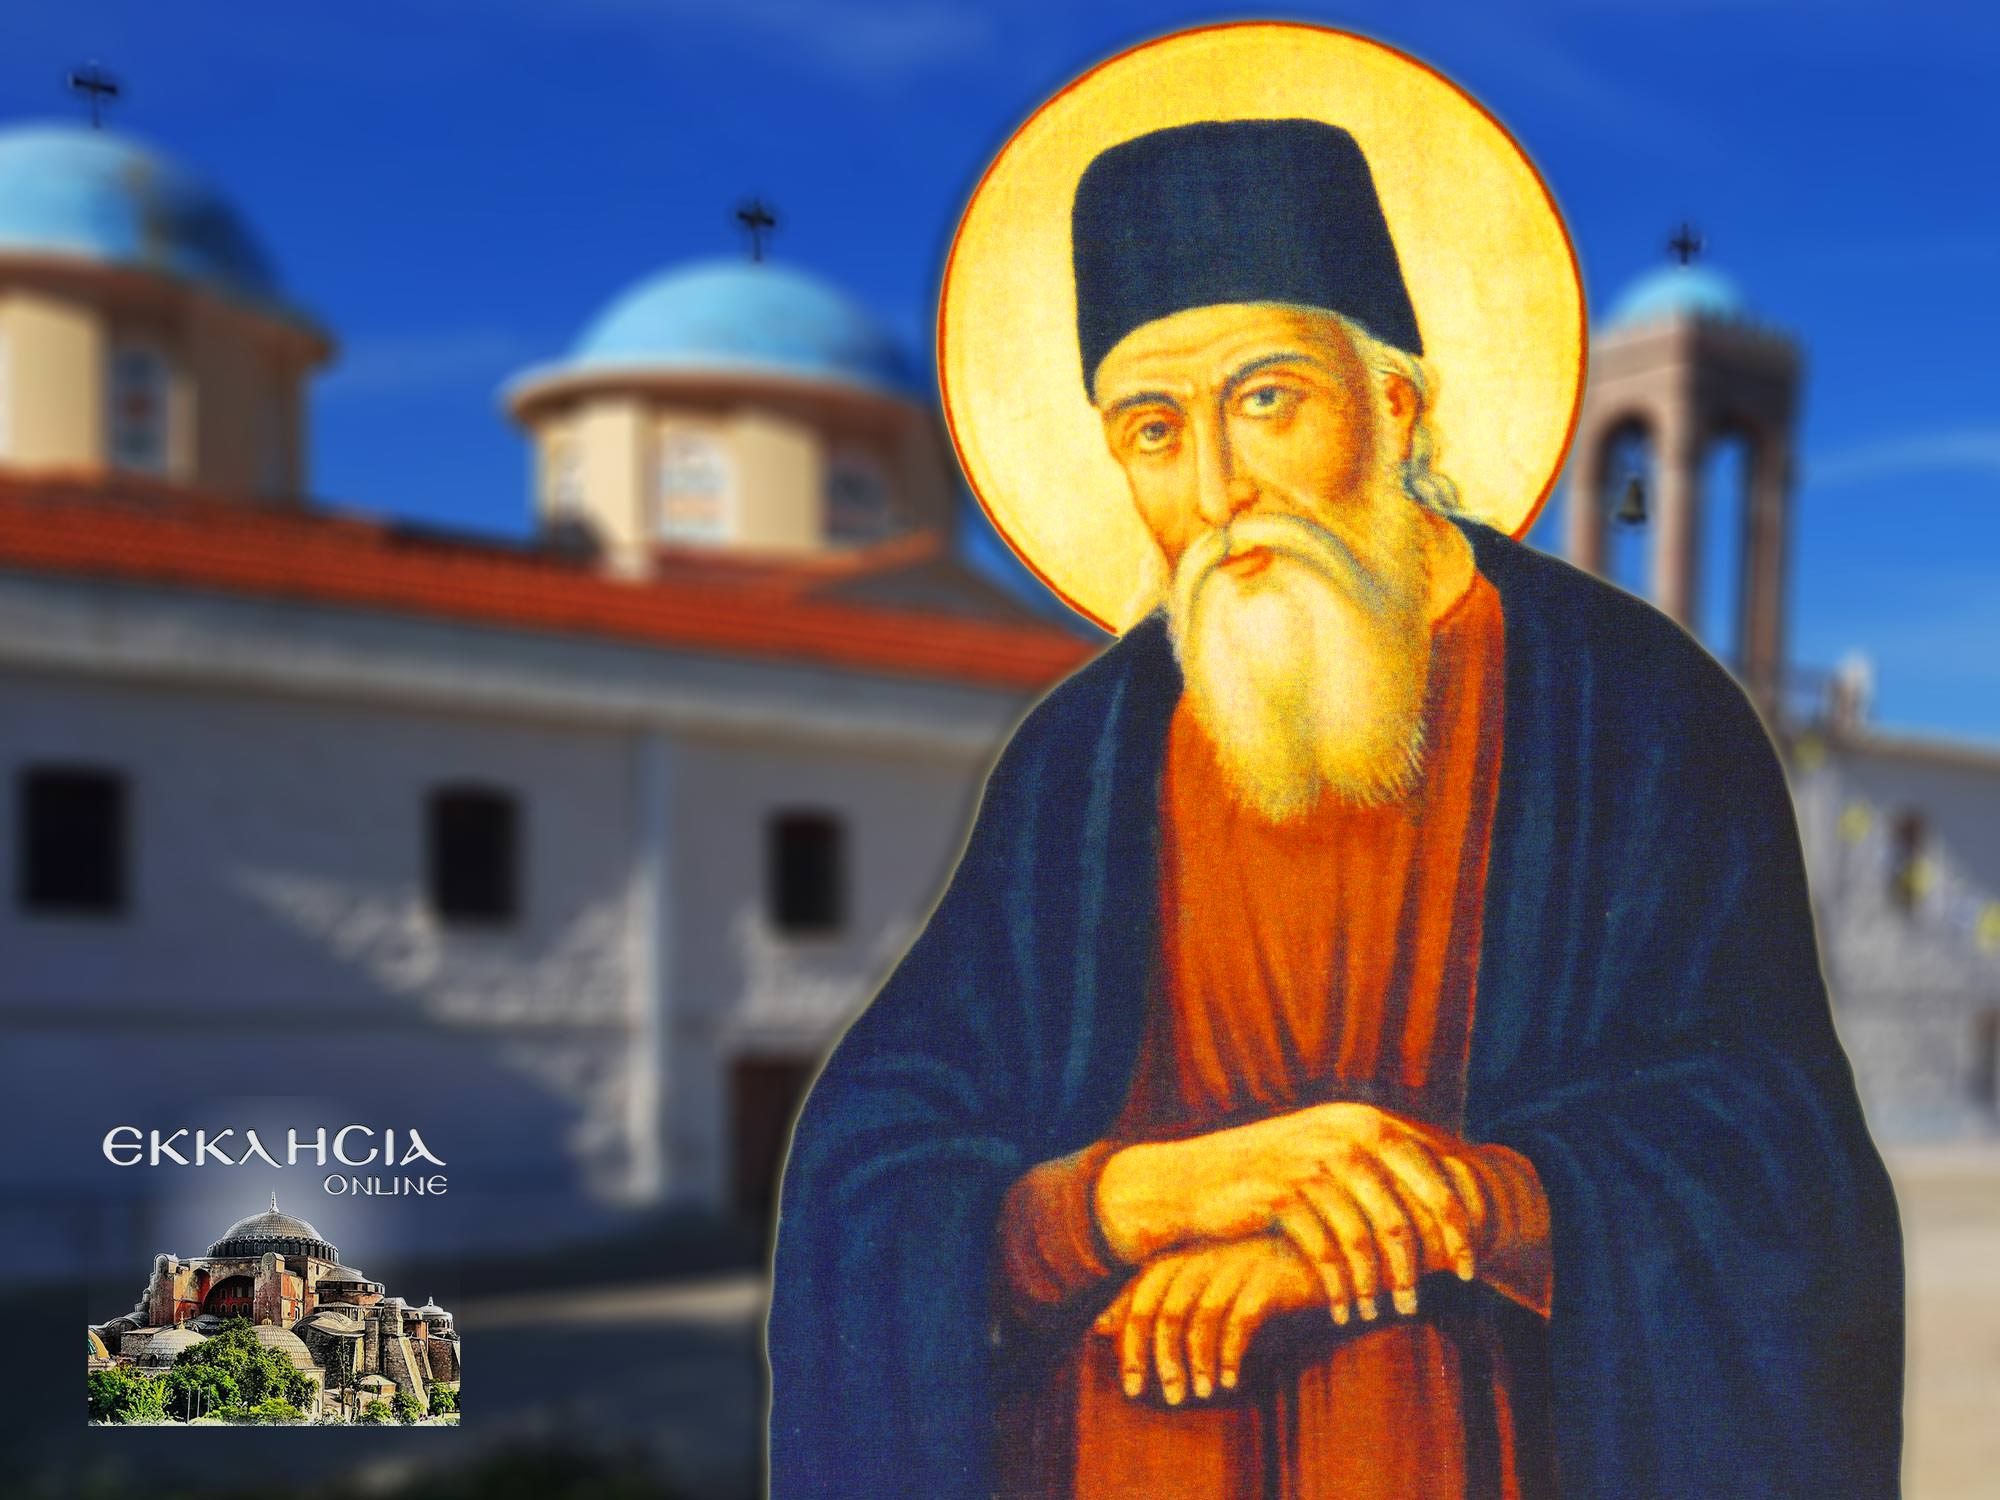 Άγιος Μακάριος ο Νοταράς Αρχιεπίσκοπος Κορίνθου 17 Απριλίου